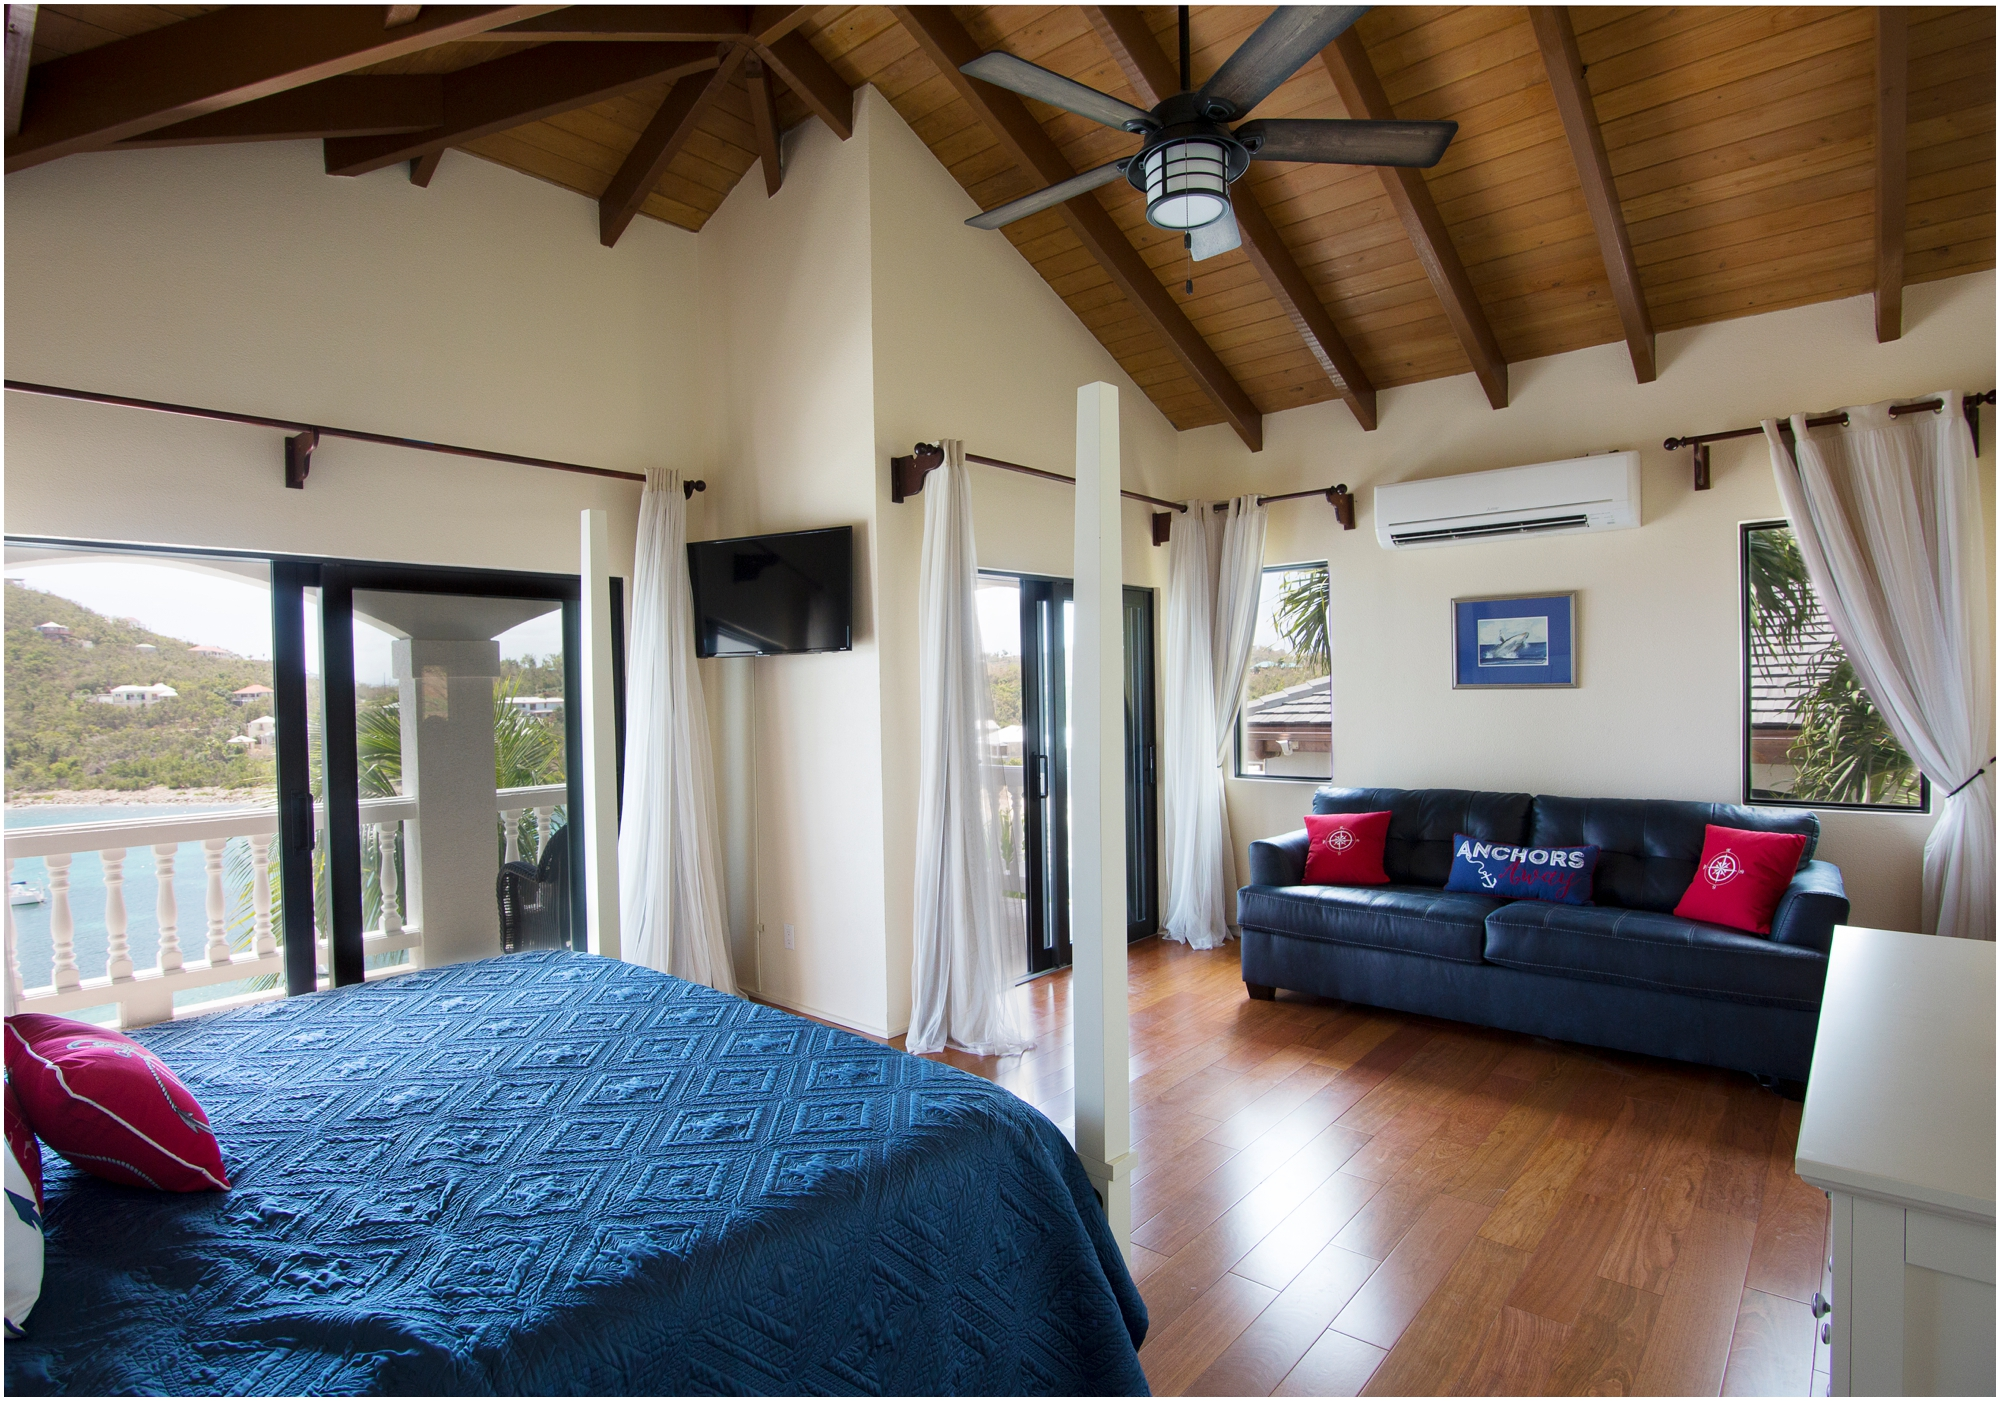 Villa St John Anchors Away room.jpg